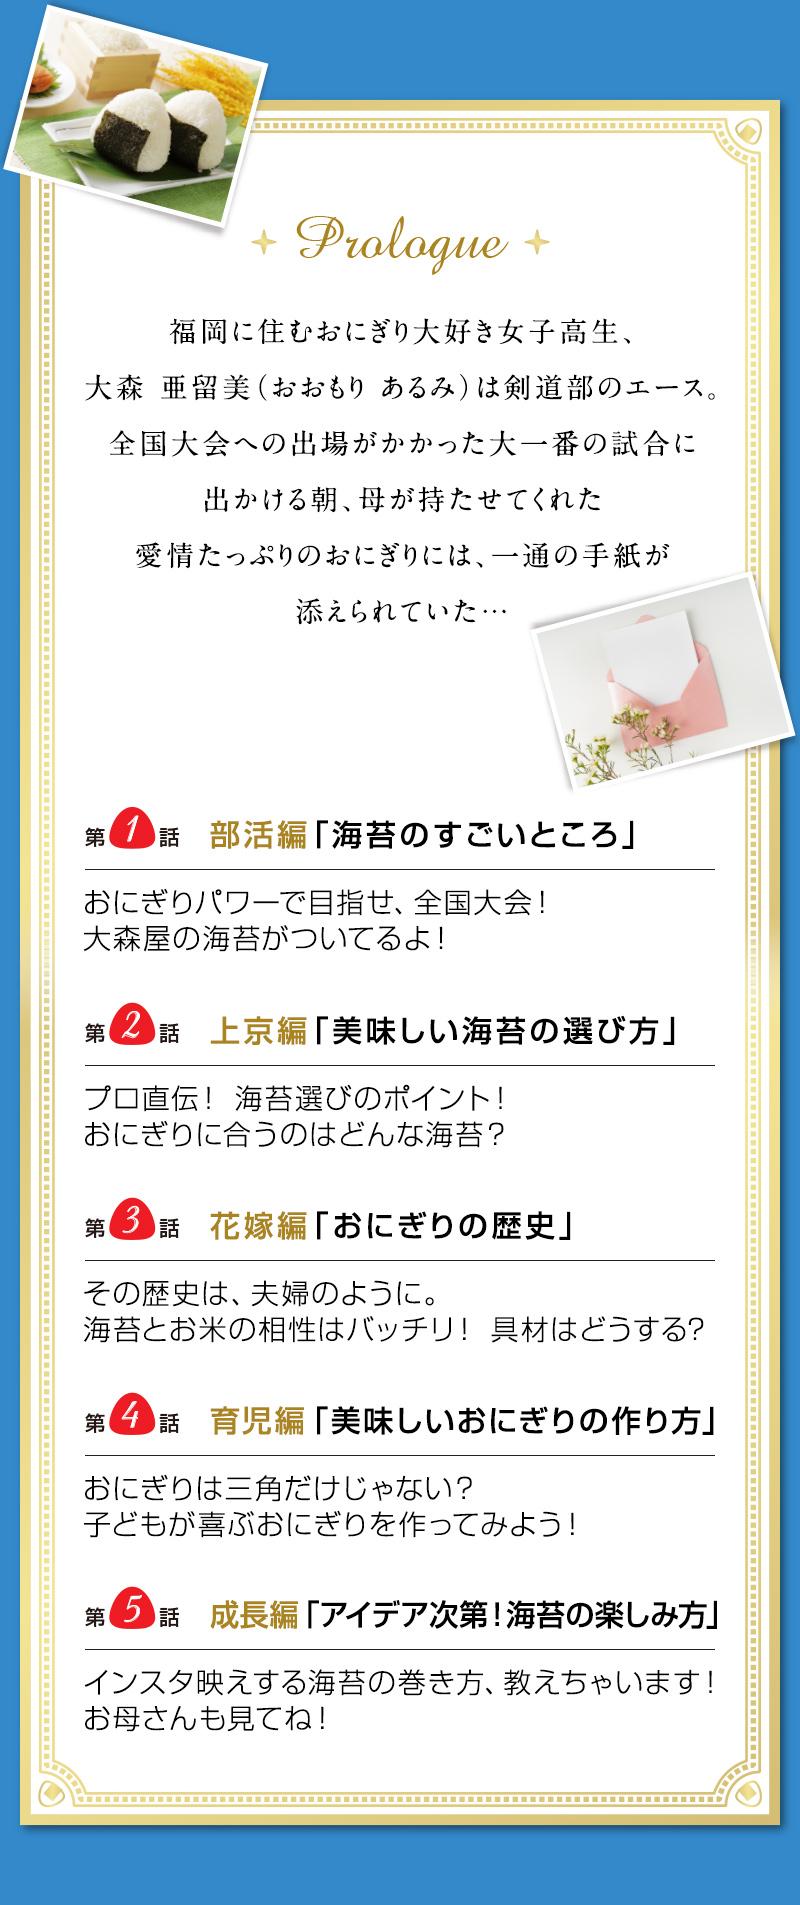 Prologue 福岡に住むおにぎり大好き女子高生、大森 亜留美(おおもり あるみ)は剣道部のエース。 全国大会への出場がかかった大一番の試合に出かける朝、母が持たせてくれた愛情たっぷりのおにぎりには、一通の手紙が添えられていた…